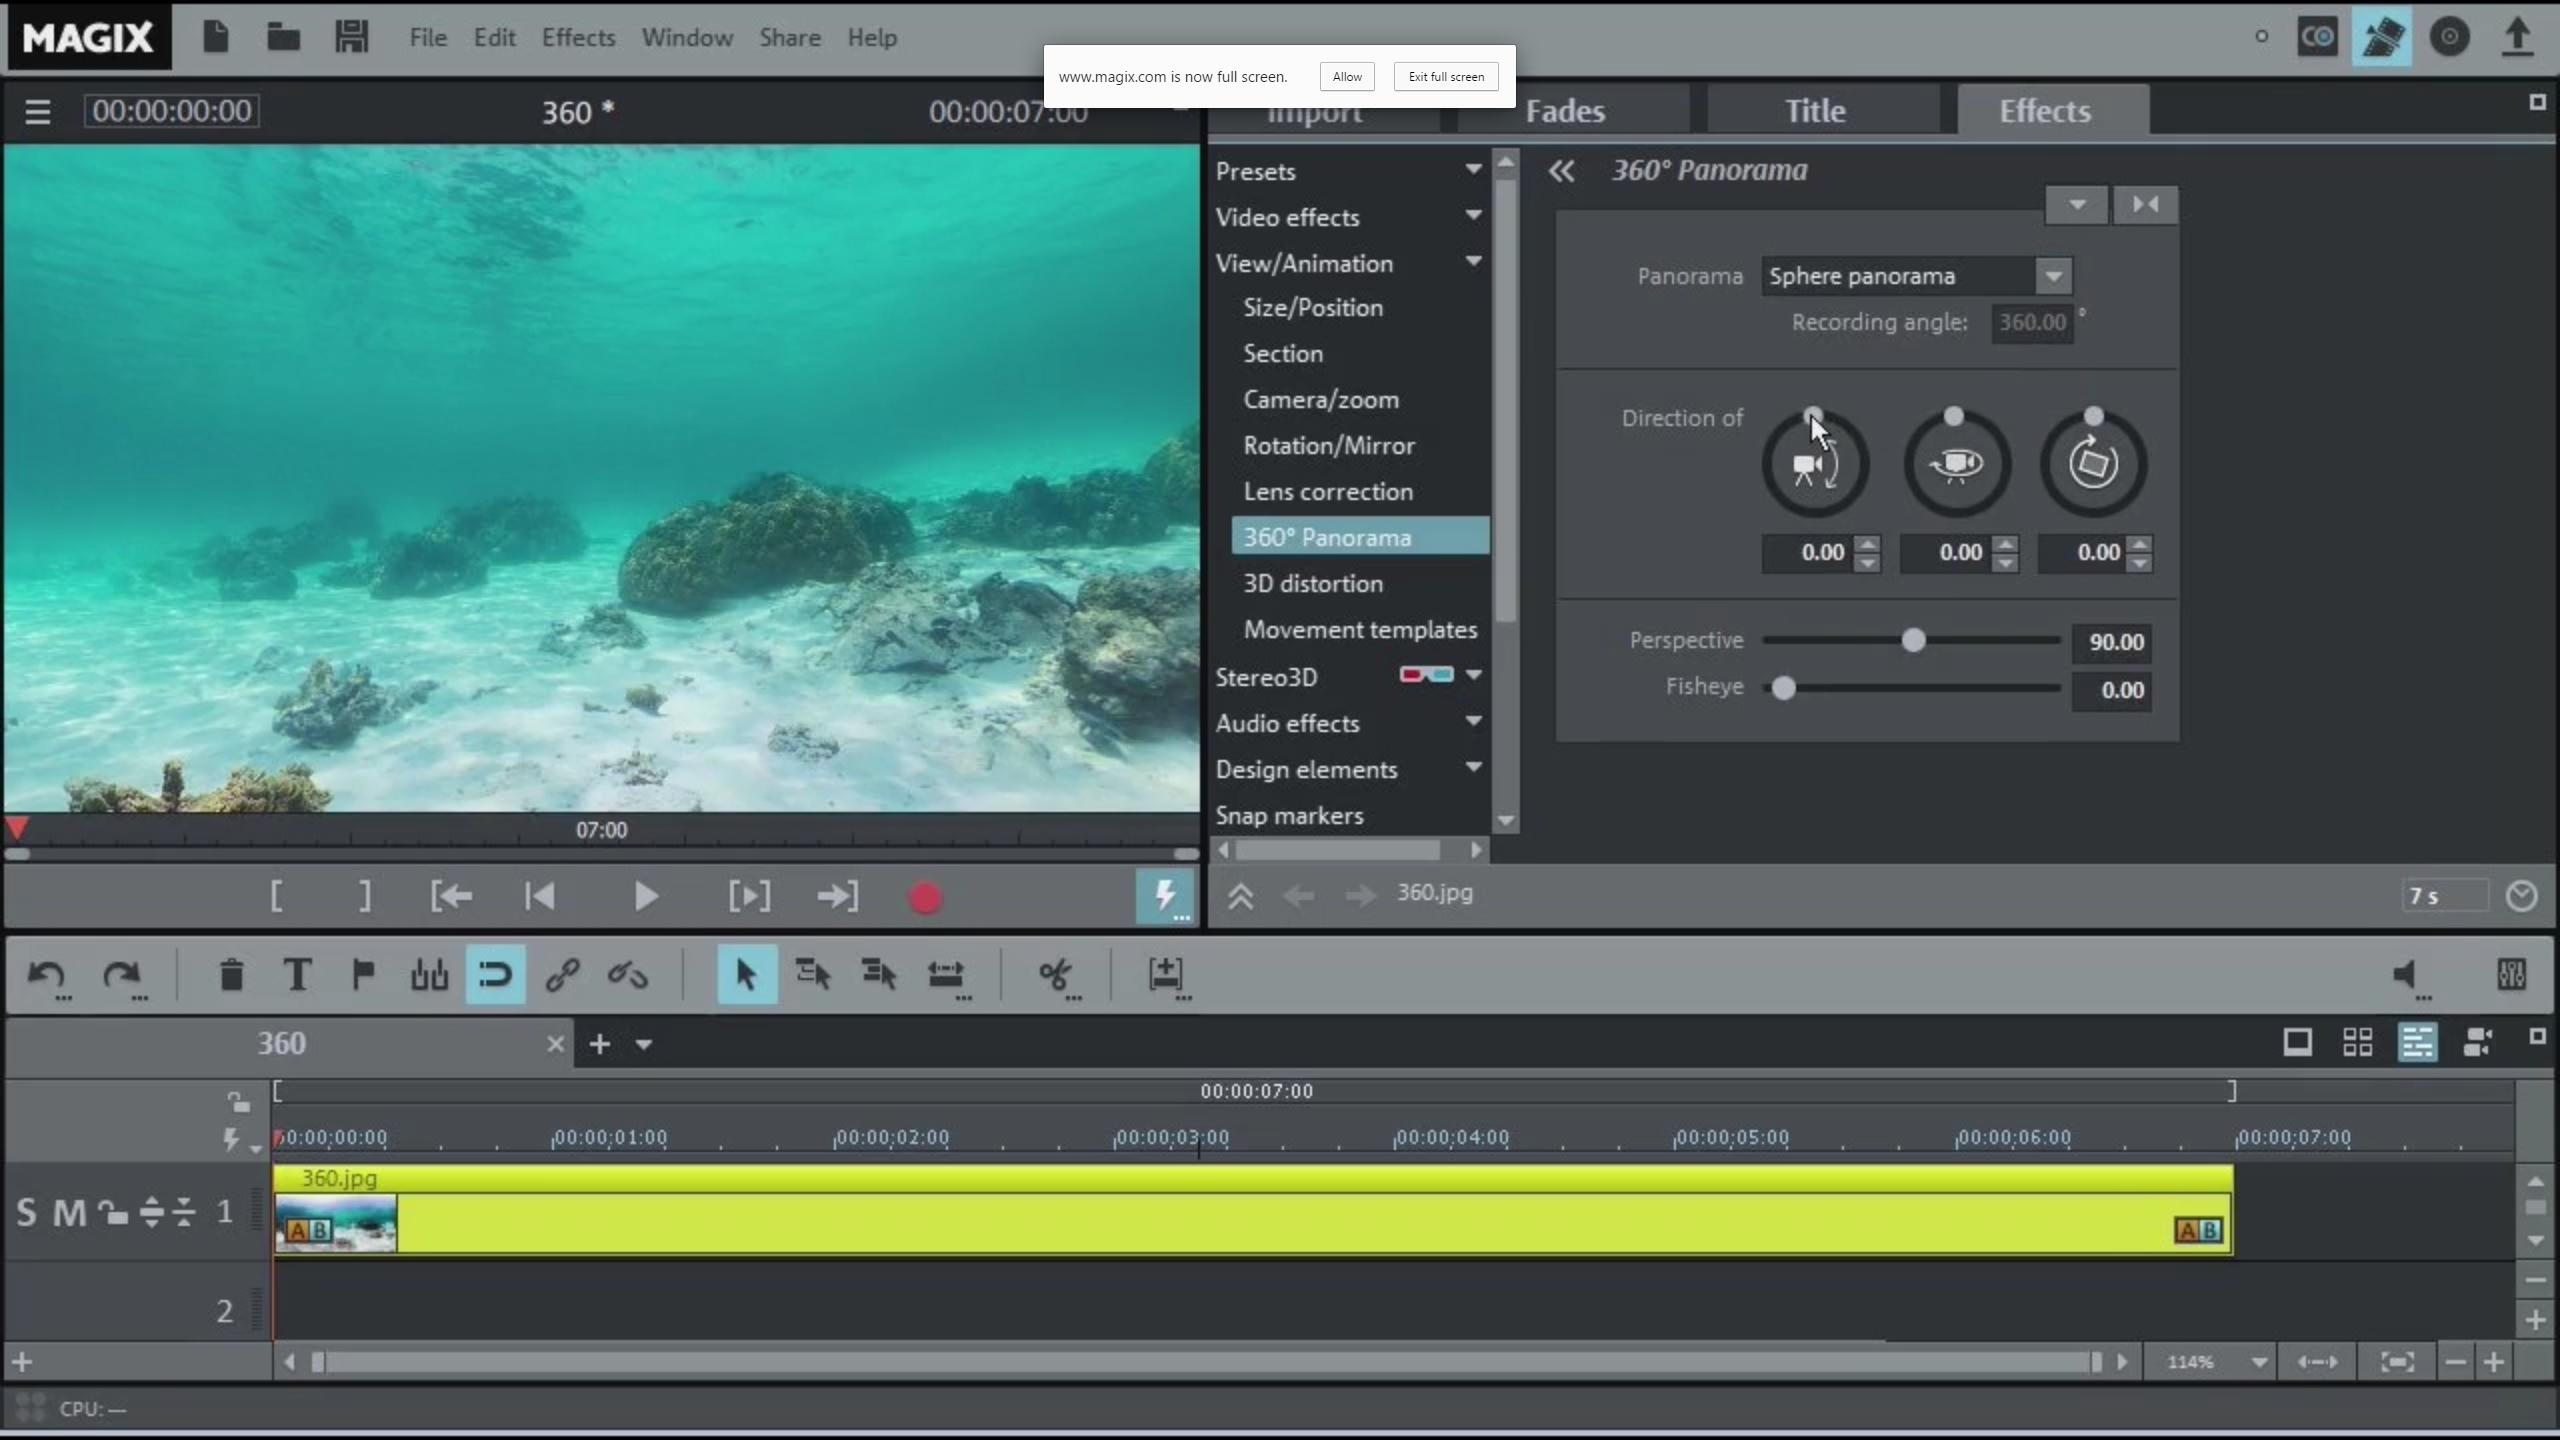 Magix Movie Edit Pro 2016 Premium - Panorama, Export and Conclusion ...